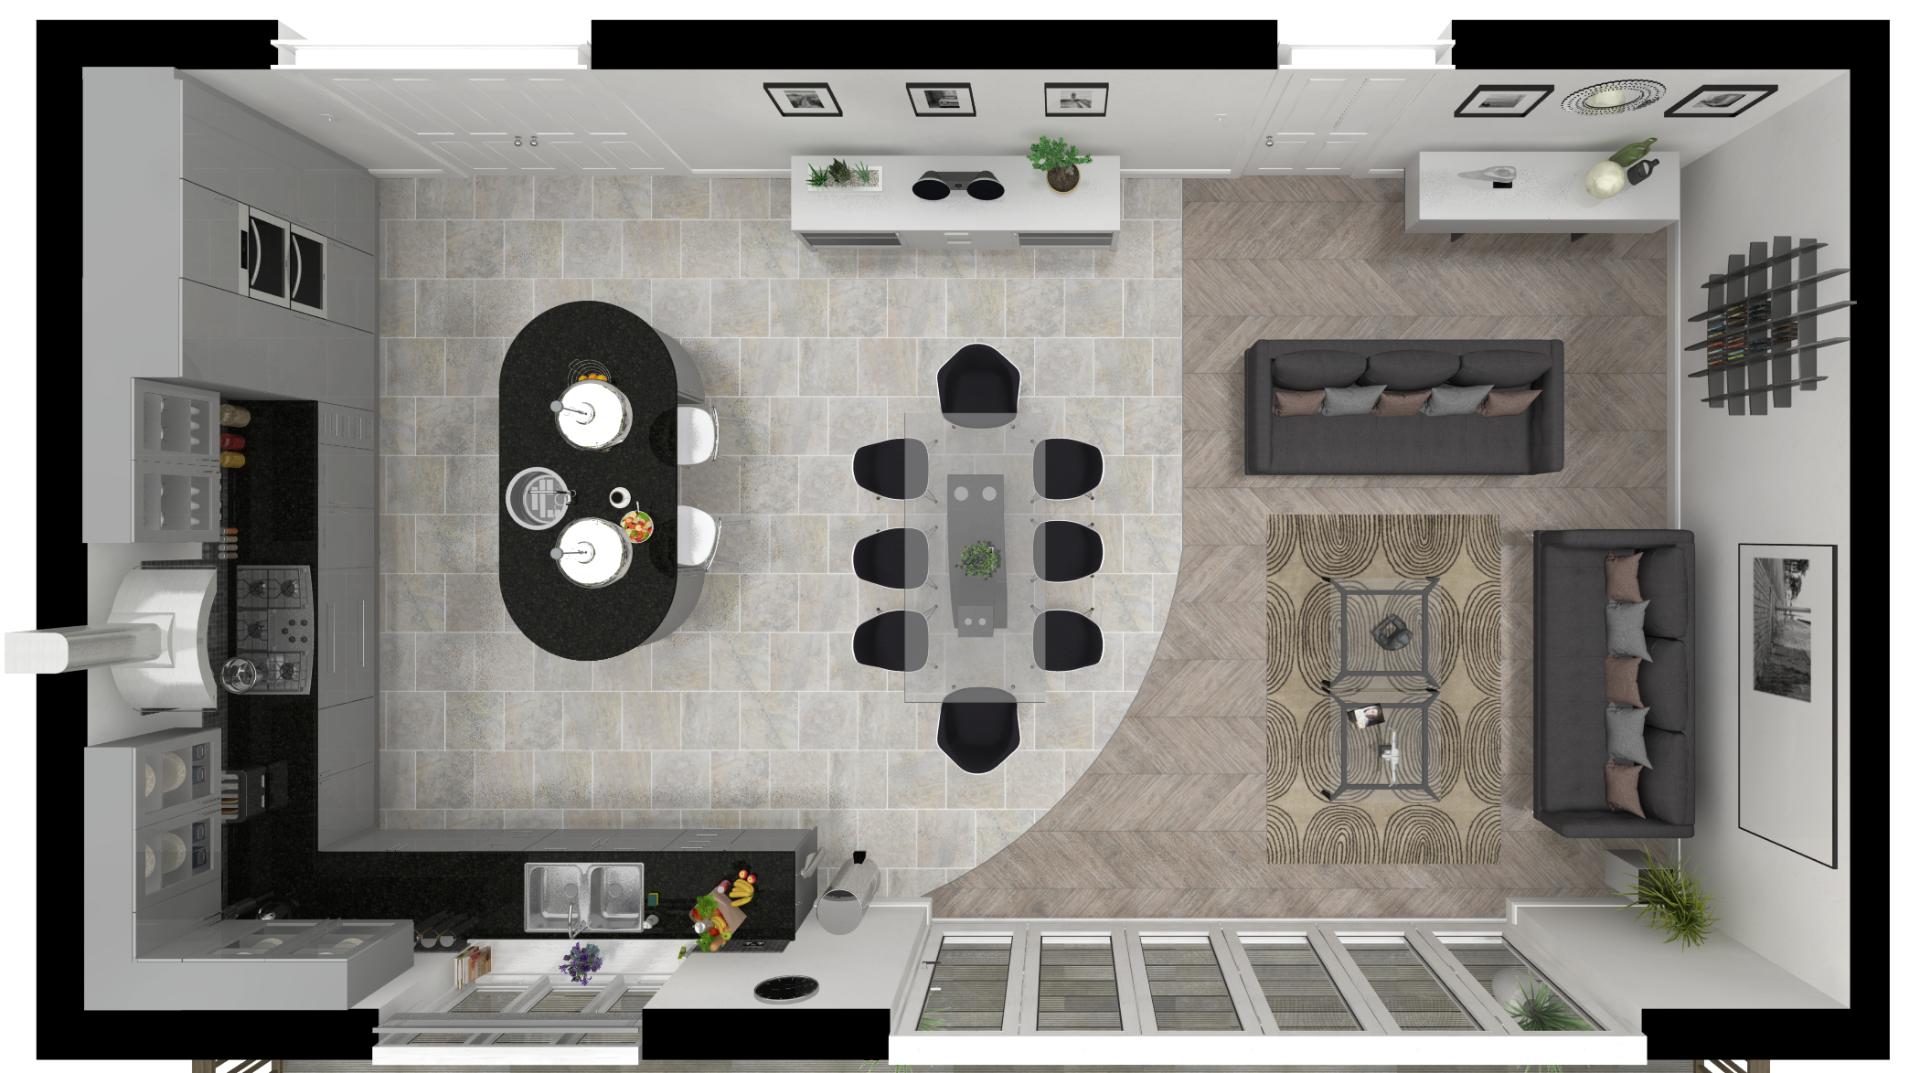 kitchen-plan-view-render-pp.png